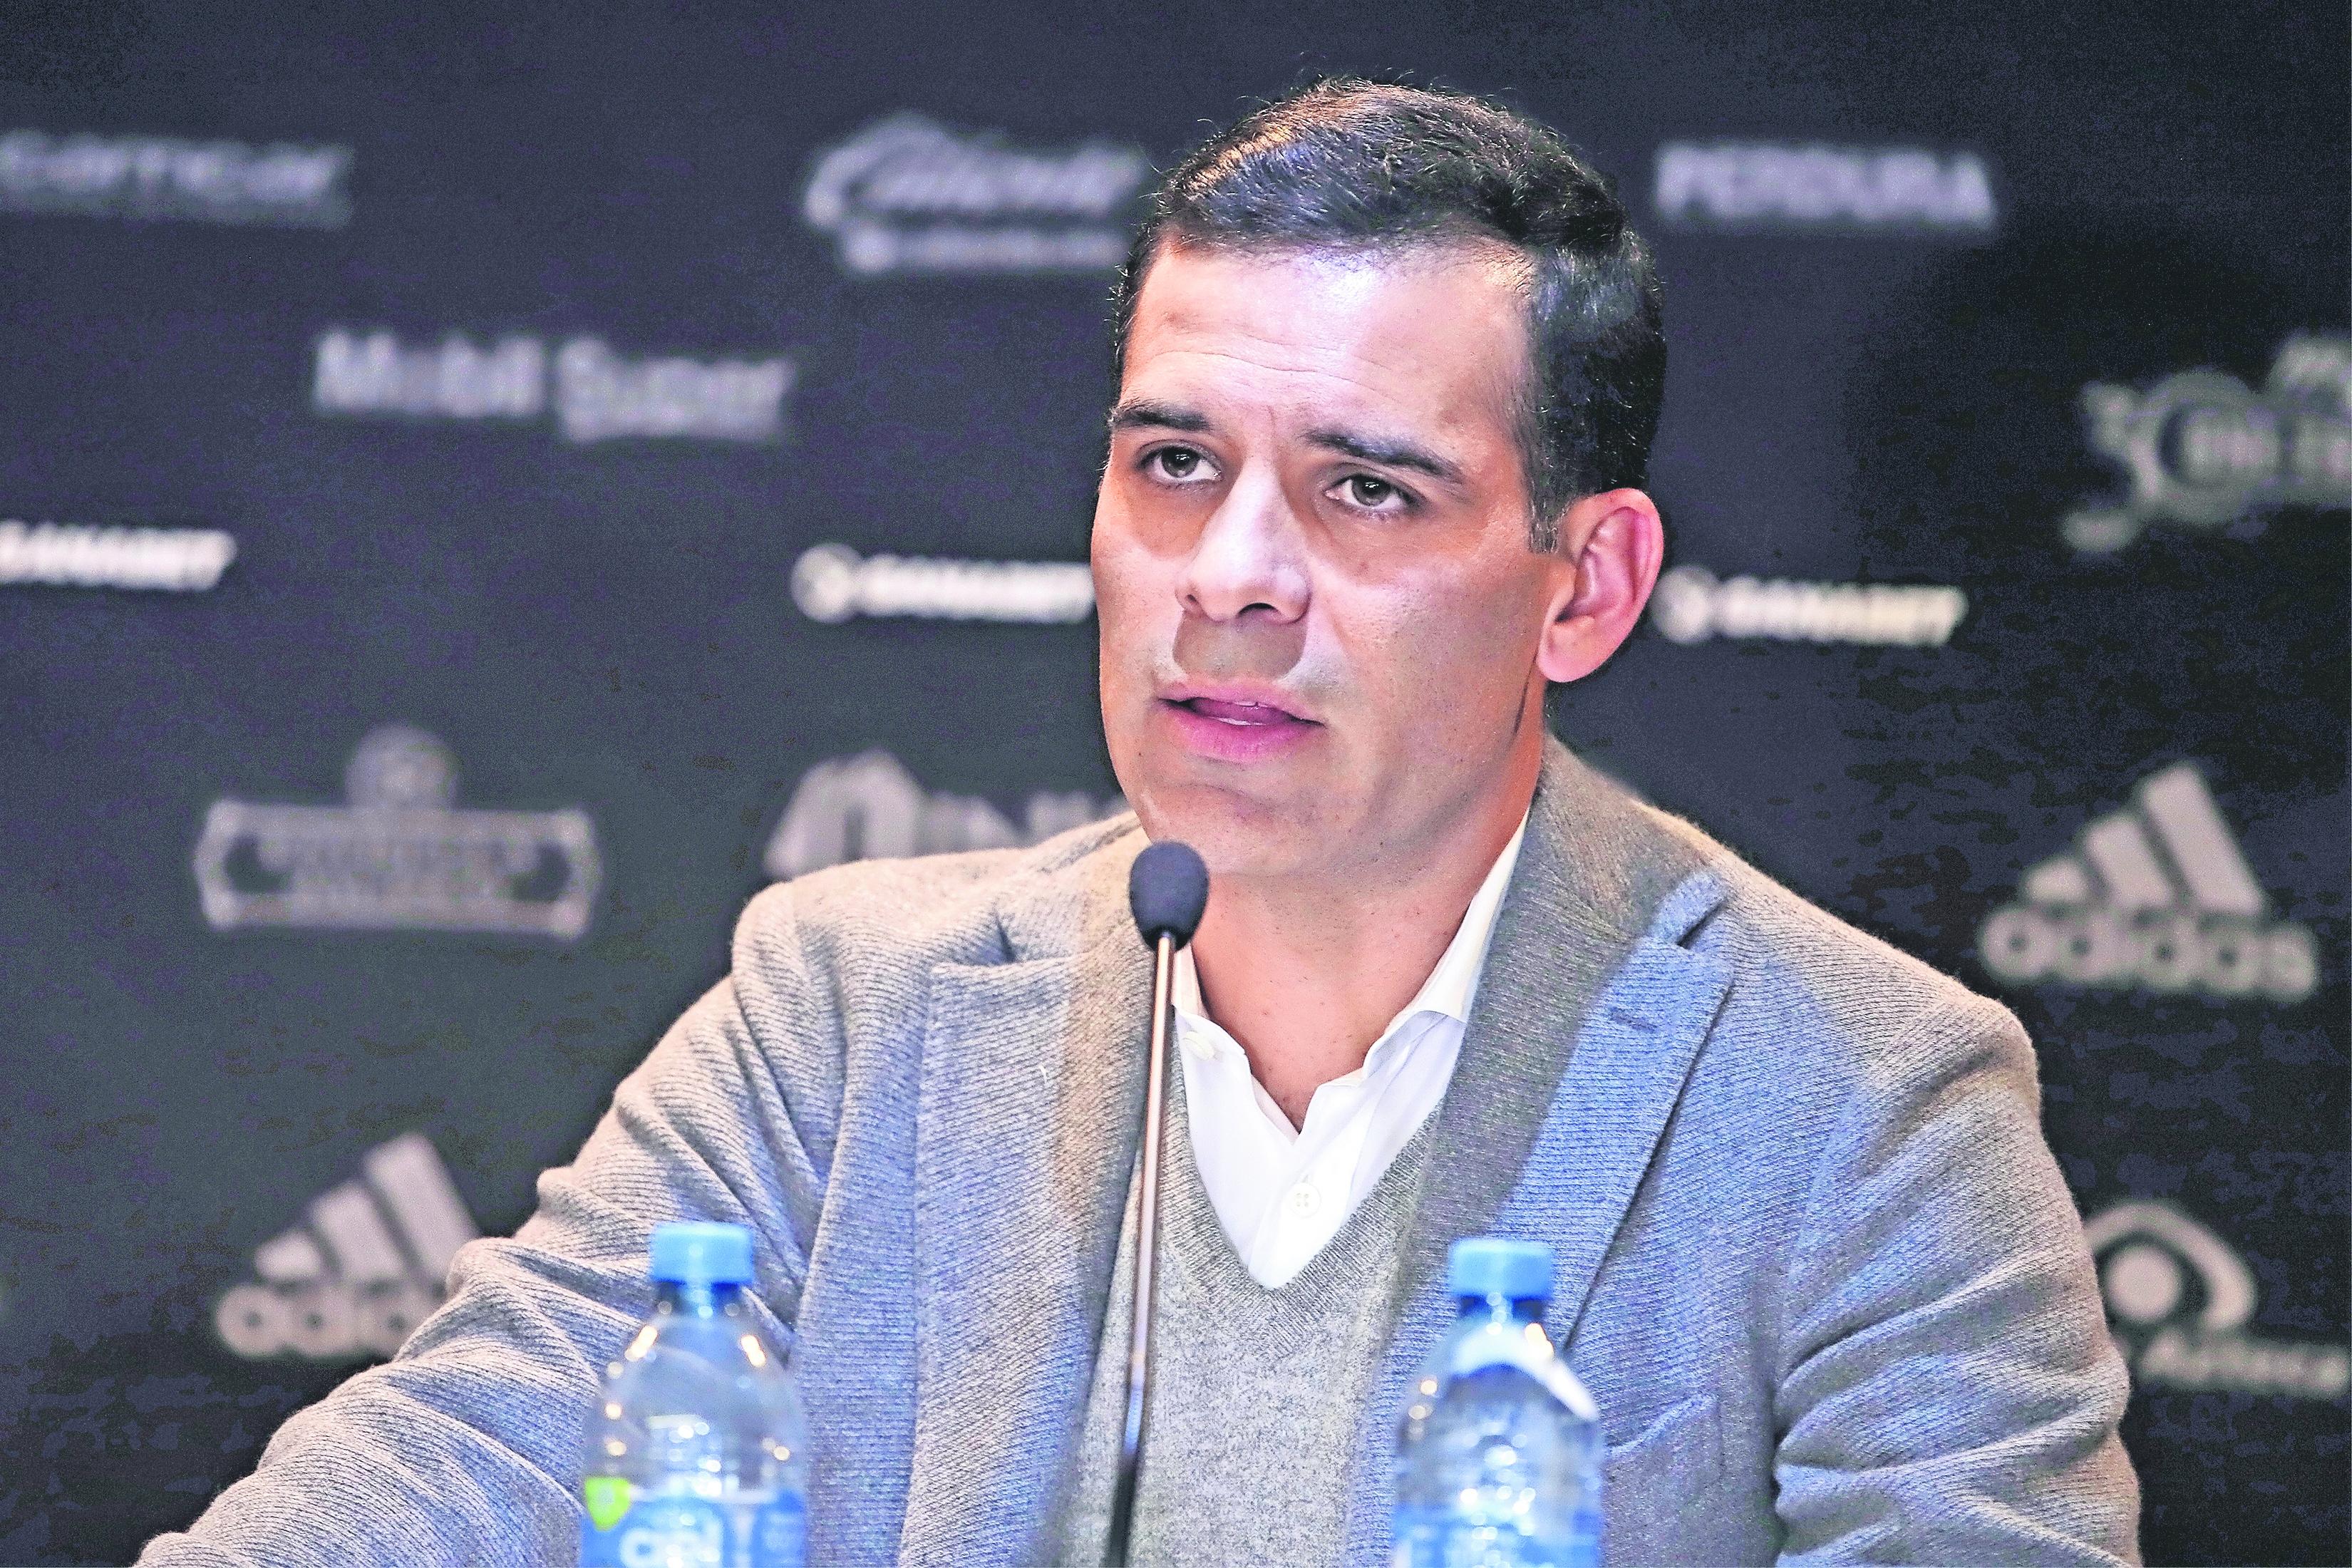 Le restriegan infidelidad del pasado a Rafa Márquez